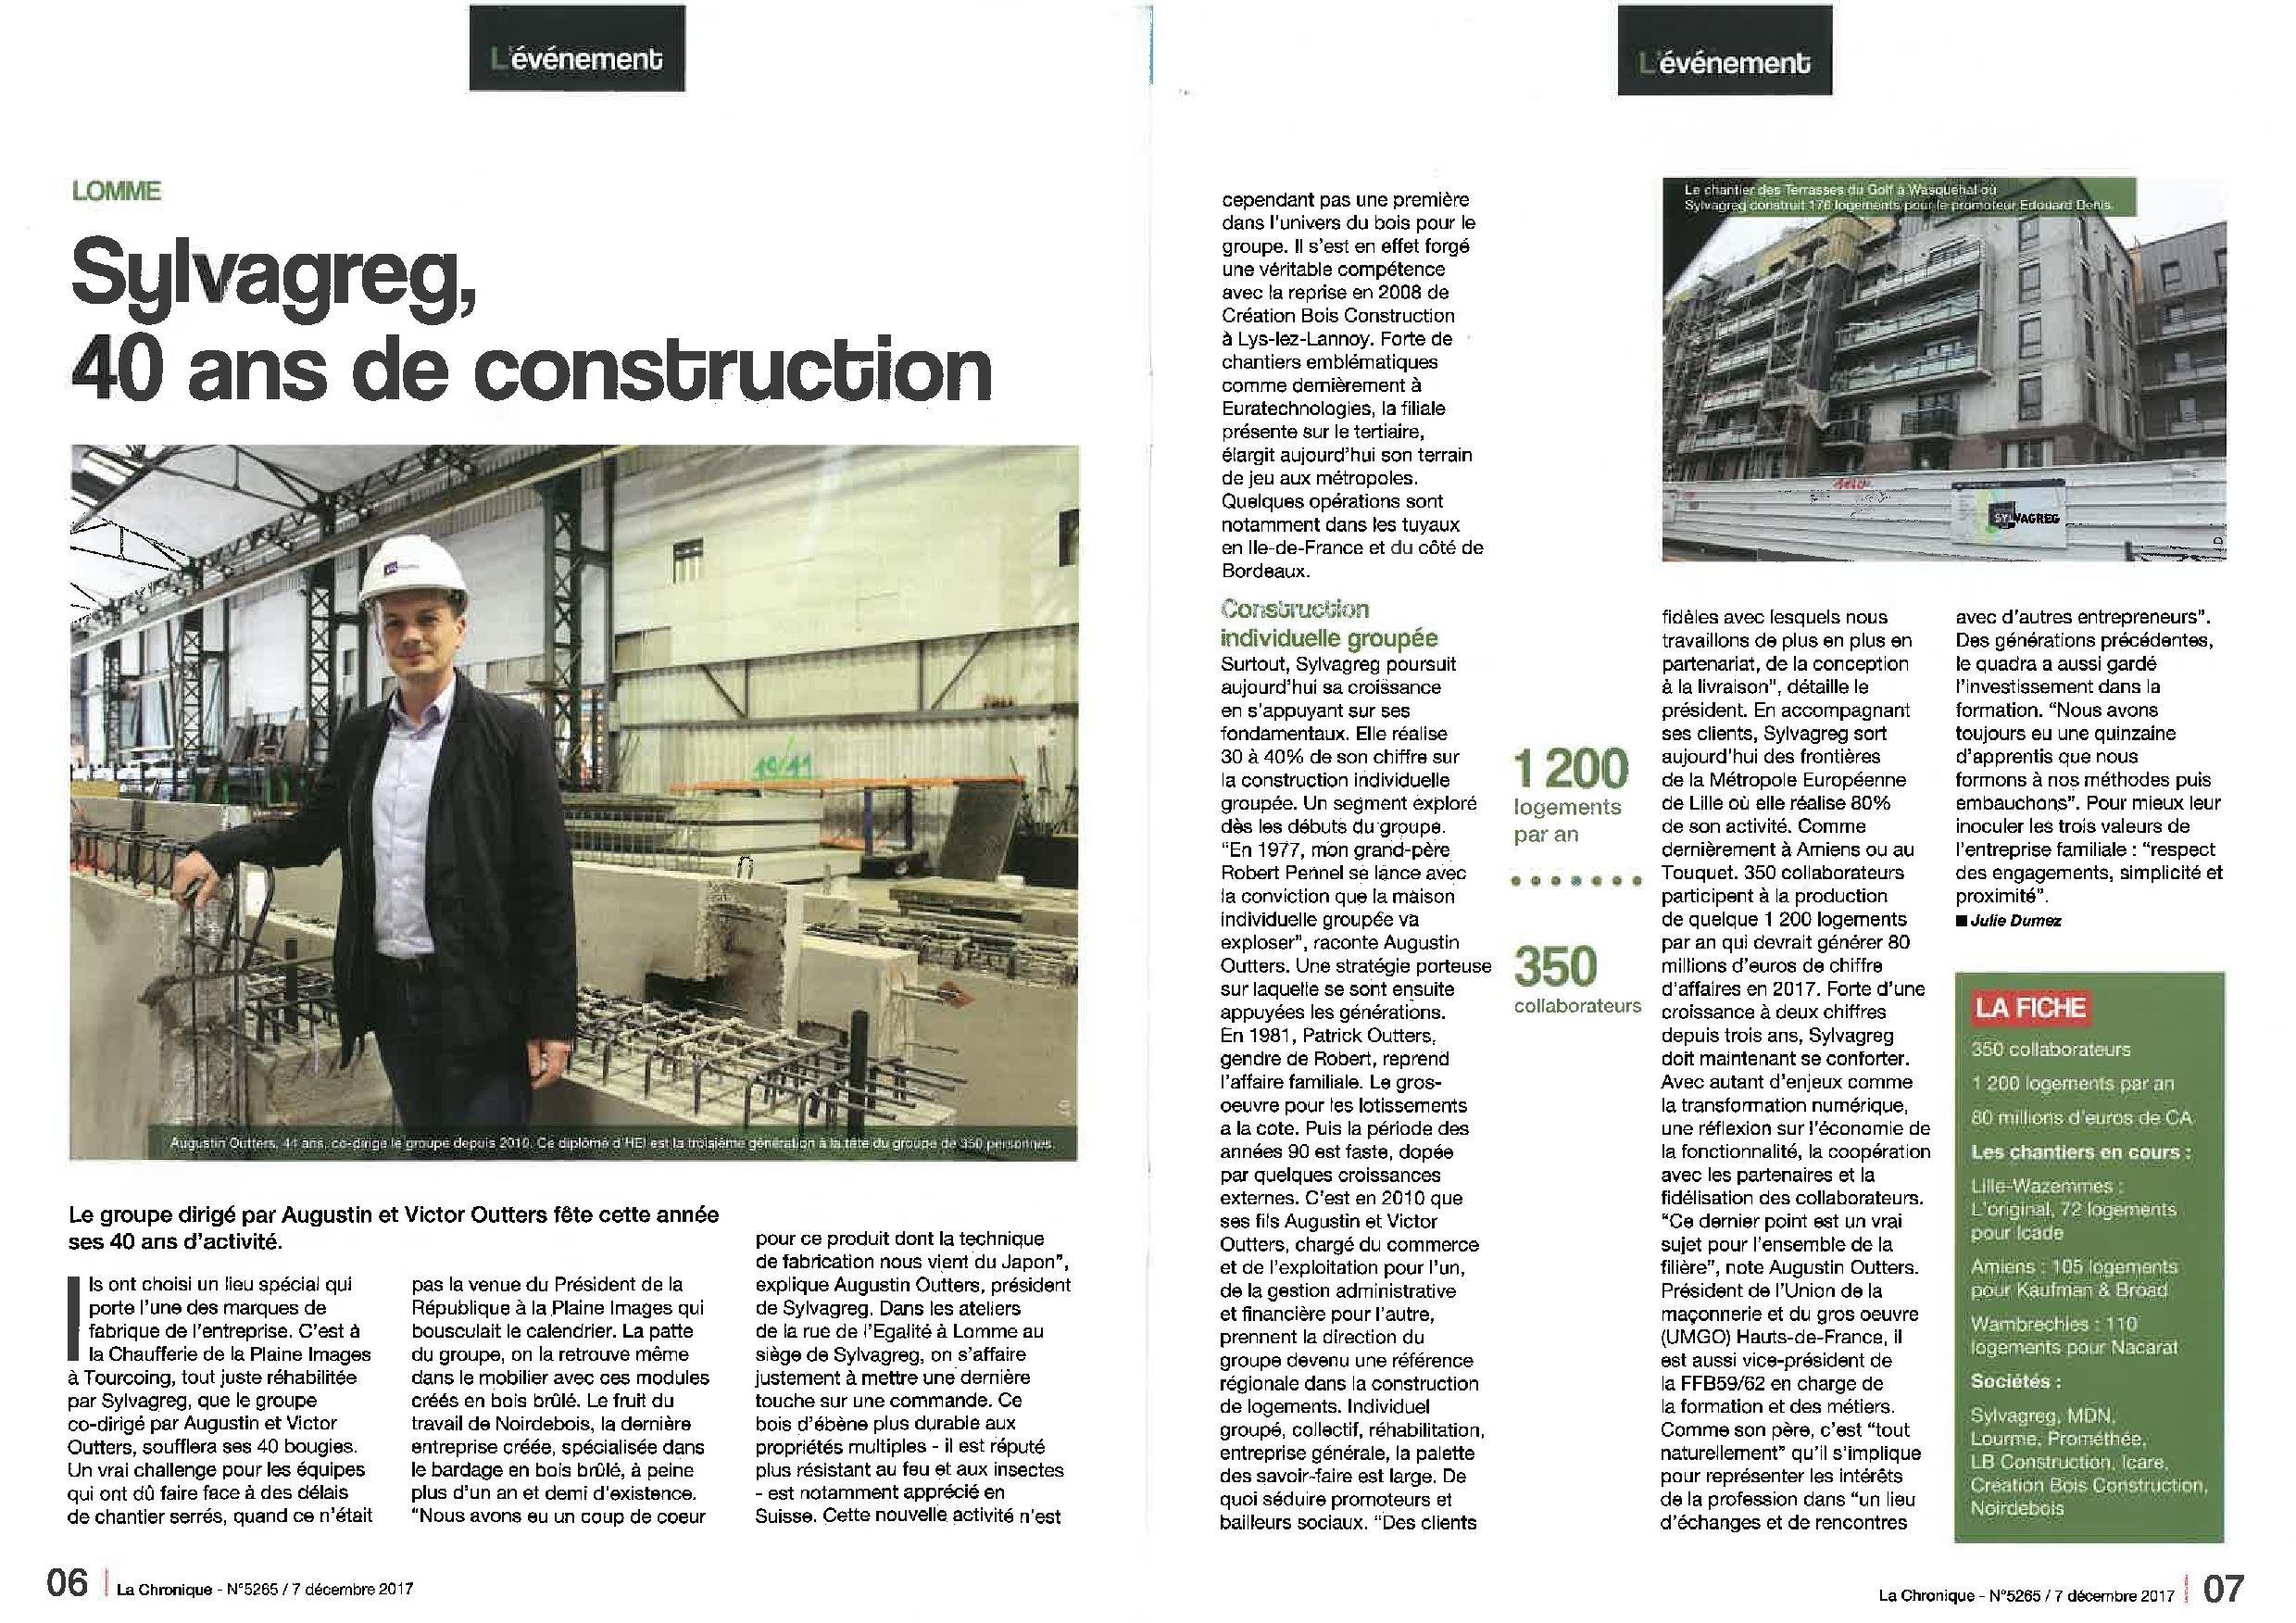 Entreprise Generale De Batiment Tourcoing presse – sylvagreg, 40 ans de construction – sylvagreg